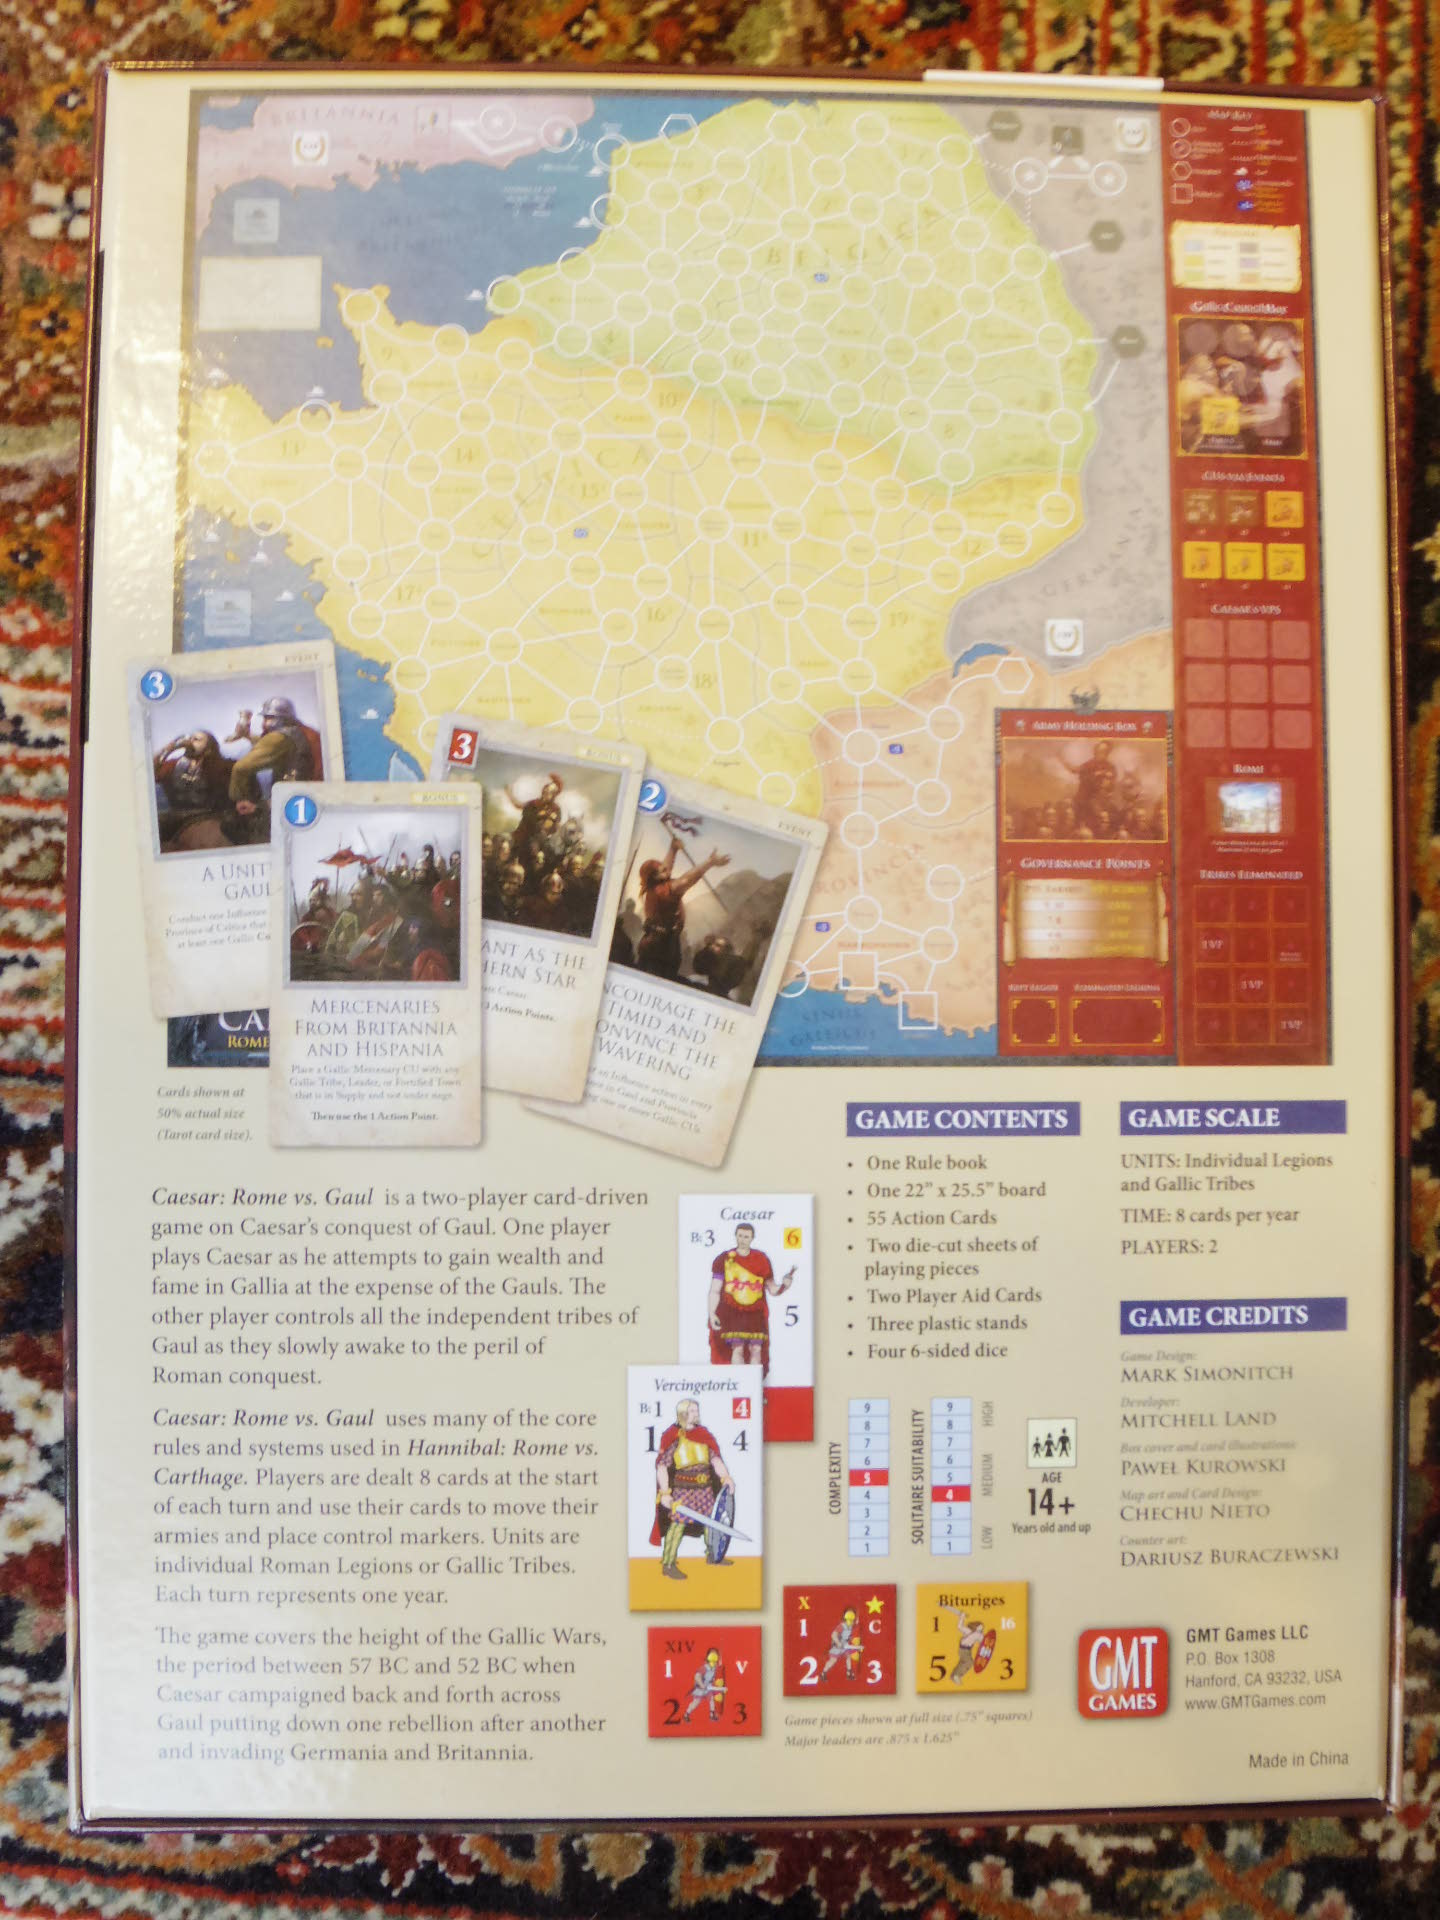 (GMT最新作) Caesar: Rome vs. Gaul シモニッチ御大によるHannibal直系のカードドリブン!!_b0173672_09524156.jpg